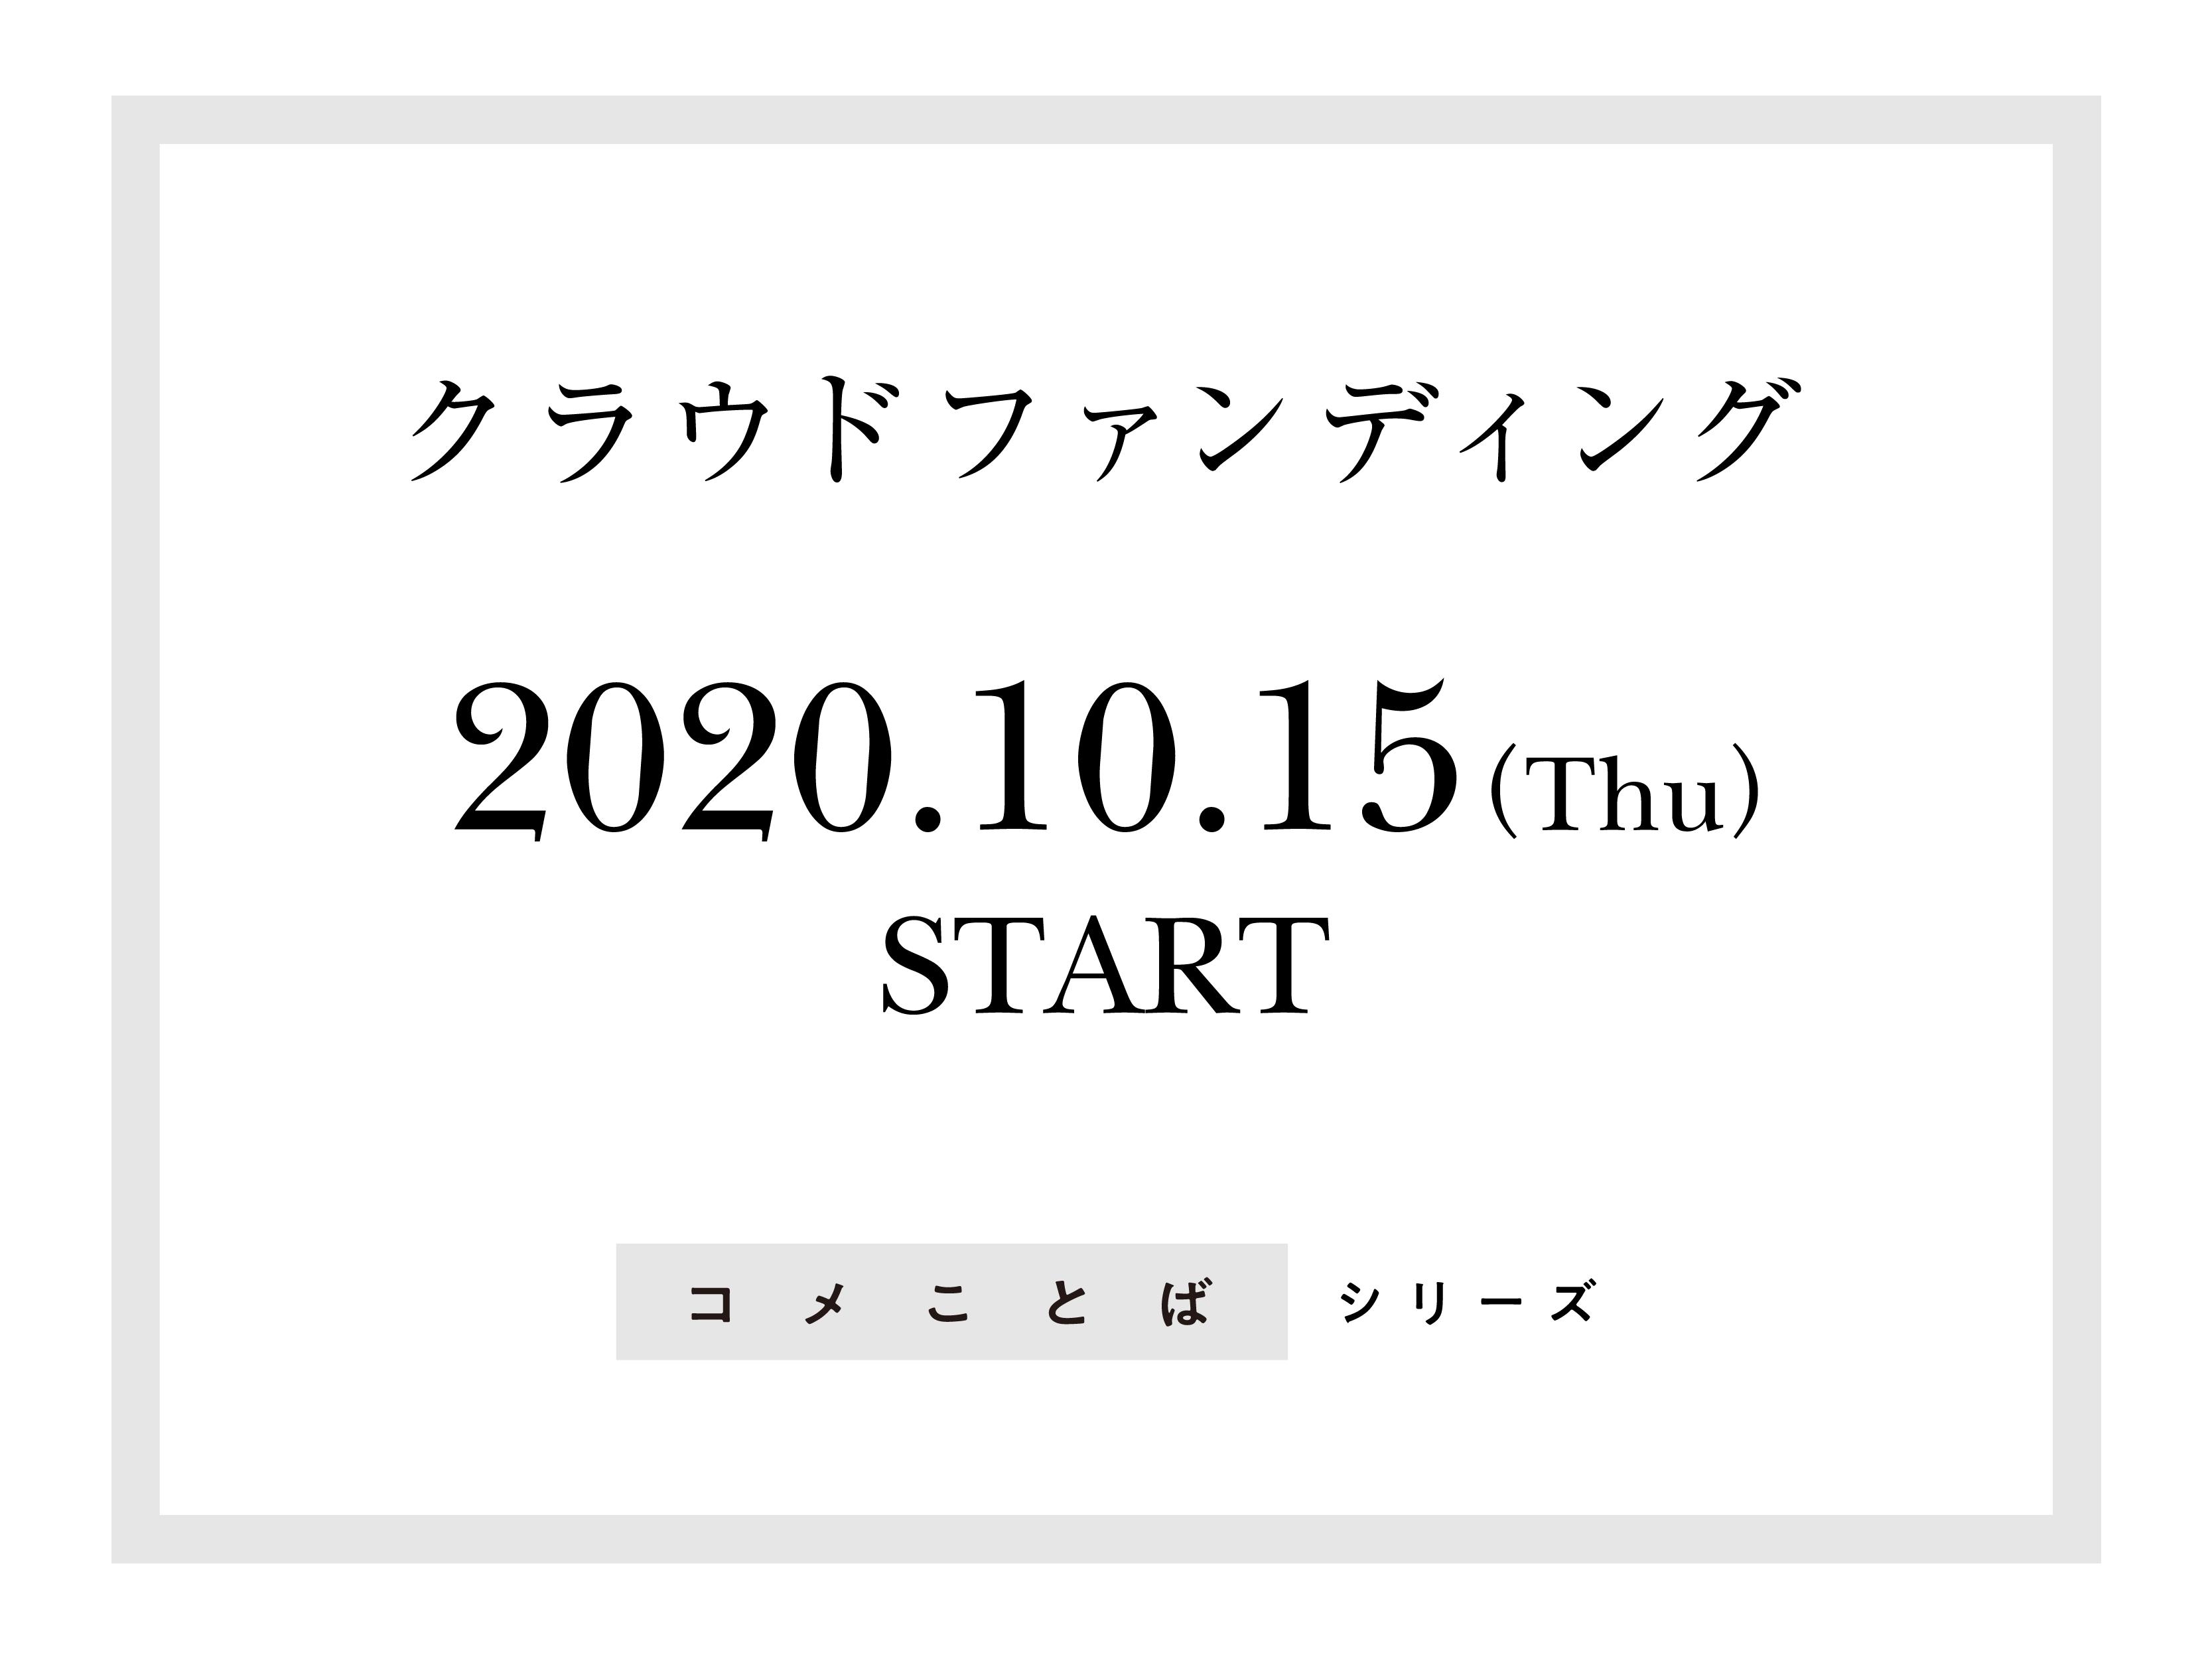 10月15日(Thu)にクラファン開始!